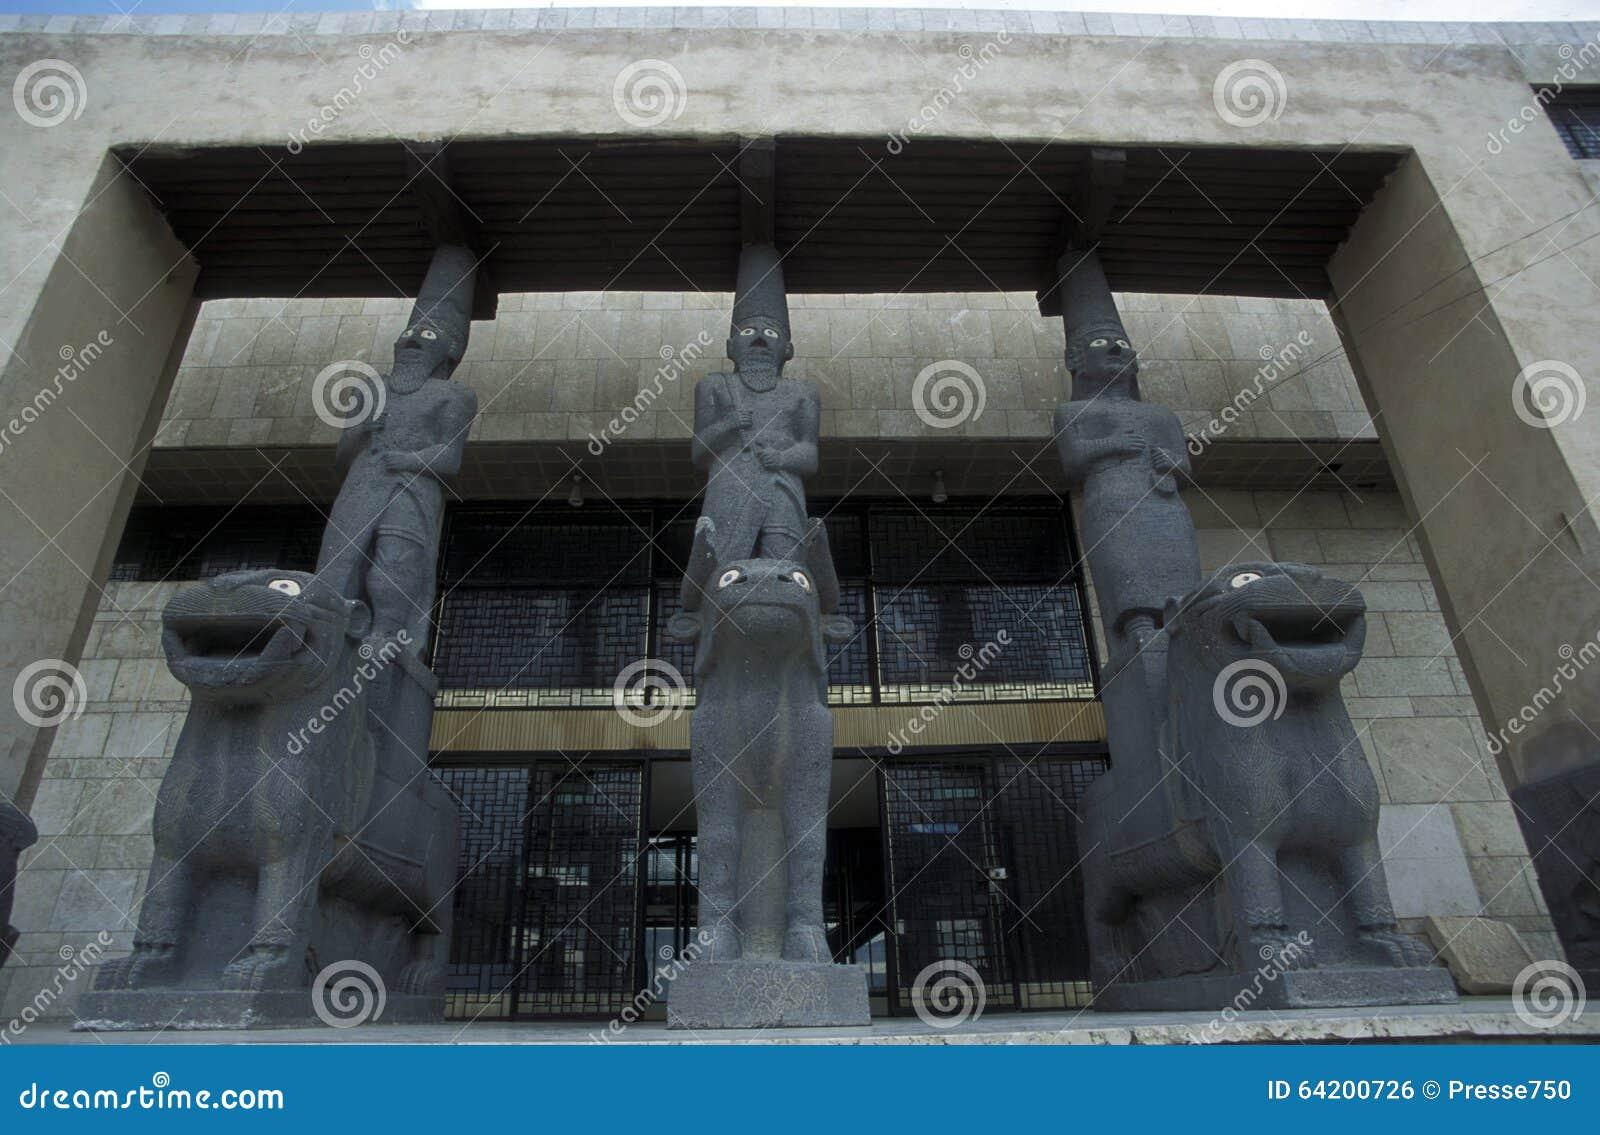 MUSEO NACIONAL DE ORIENTE MEDIO SIRIA DAMASKUS